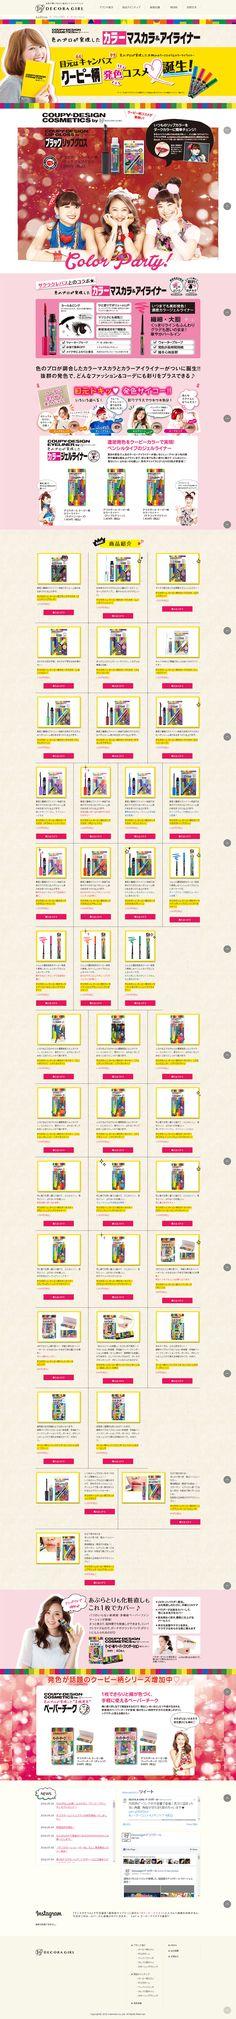 色のプロが実現した カラーマスカラ&アイライナー【スキンケア・美容商品関連】のLPデザイン。WEBデザイナーさん必見!ランディングページのデザイン参考に(かわいい系)